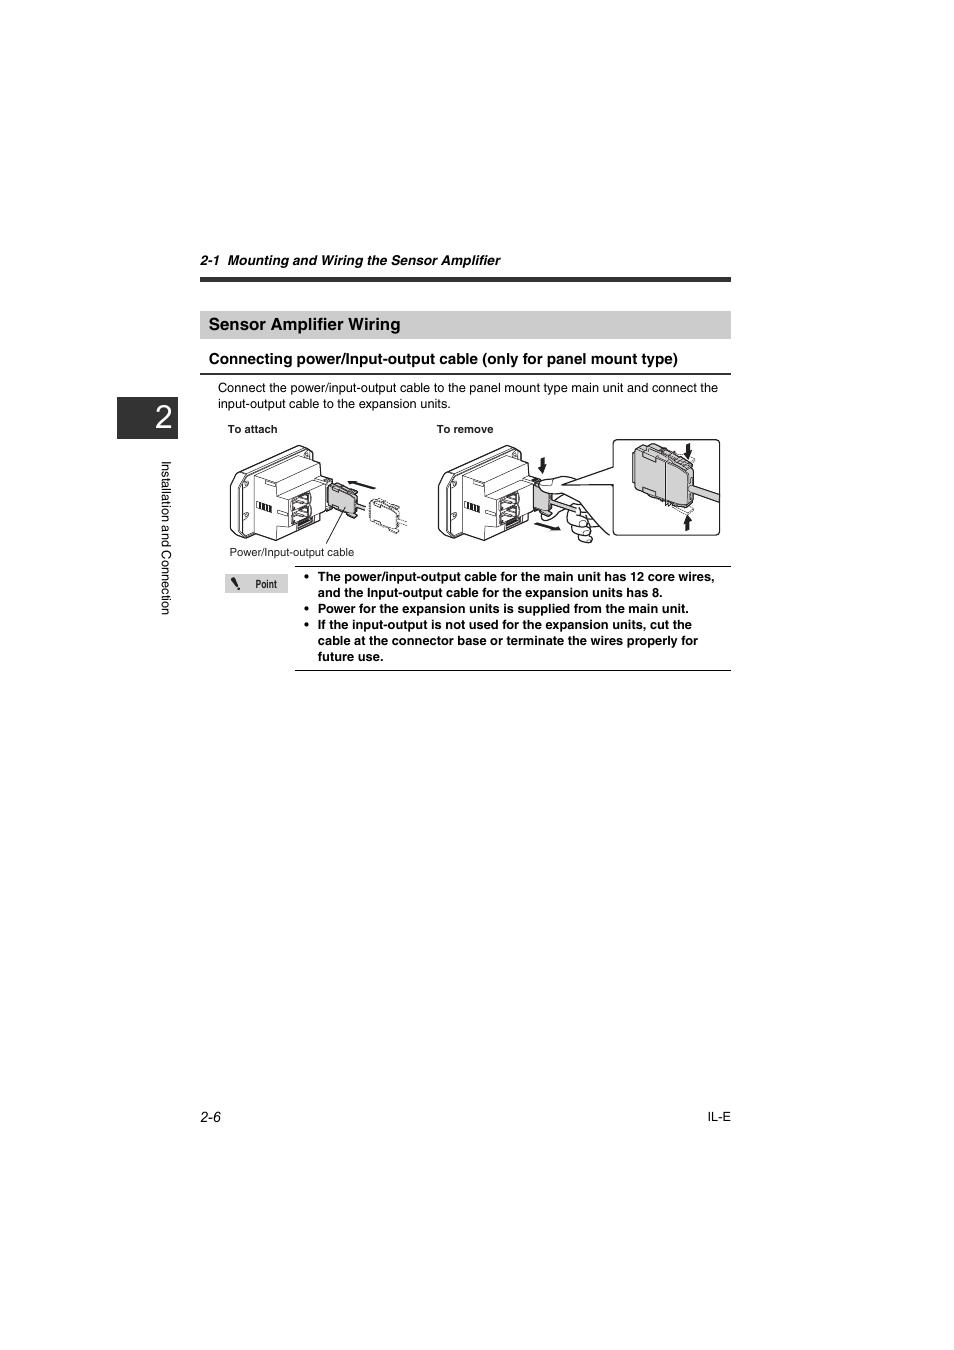 sensor amplifier wiring sensor amplifier wiring 6. Black Bedroom Furniture Sets. Home Design Ideas